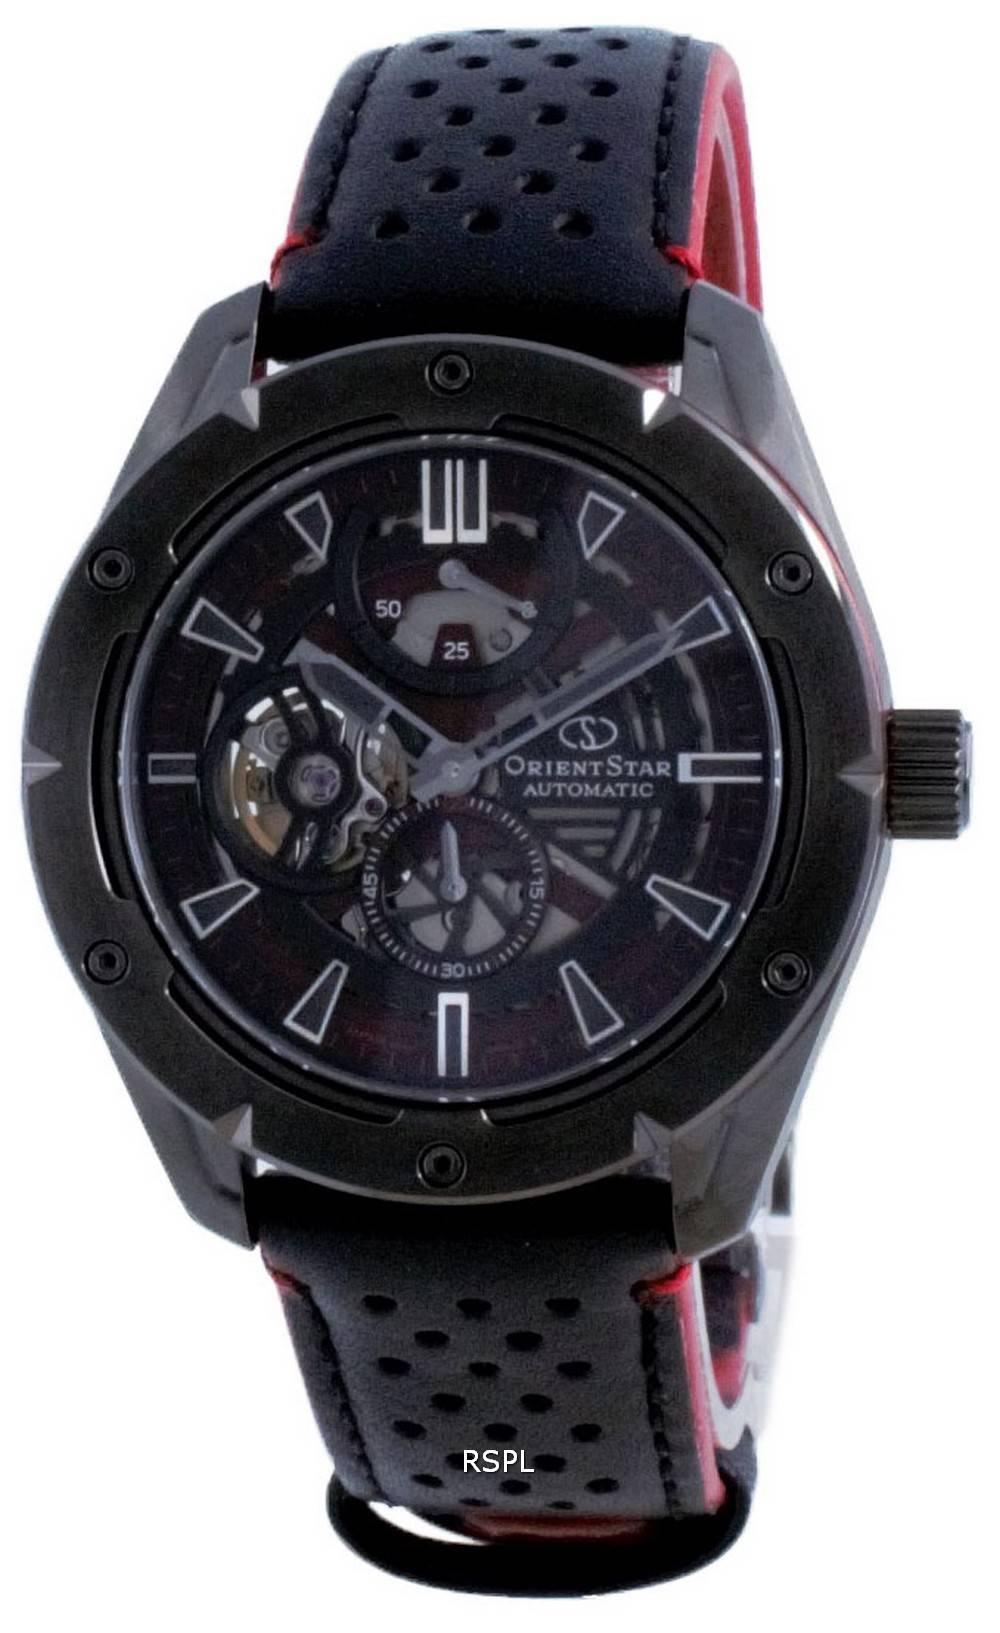 Orient Star Avant Garde -luuranko automaattinen RE-AV0A03B00B 100M miesten kello